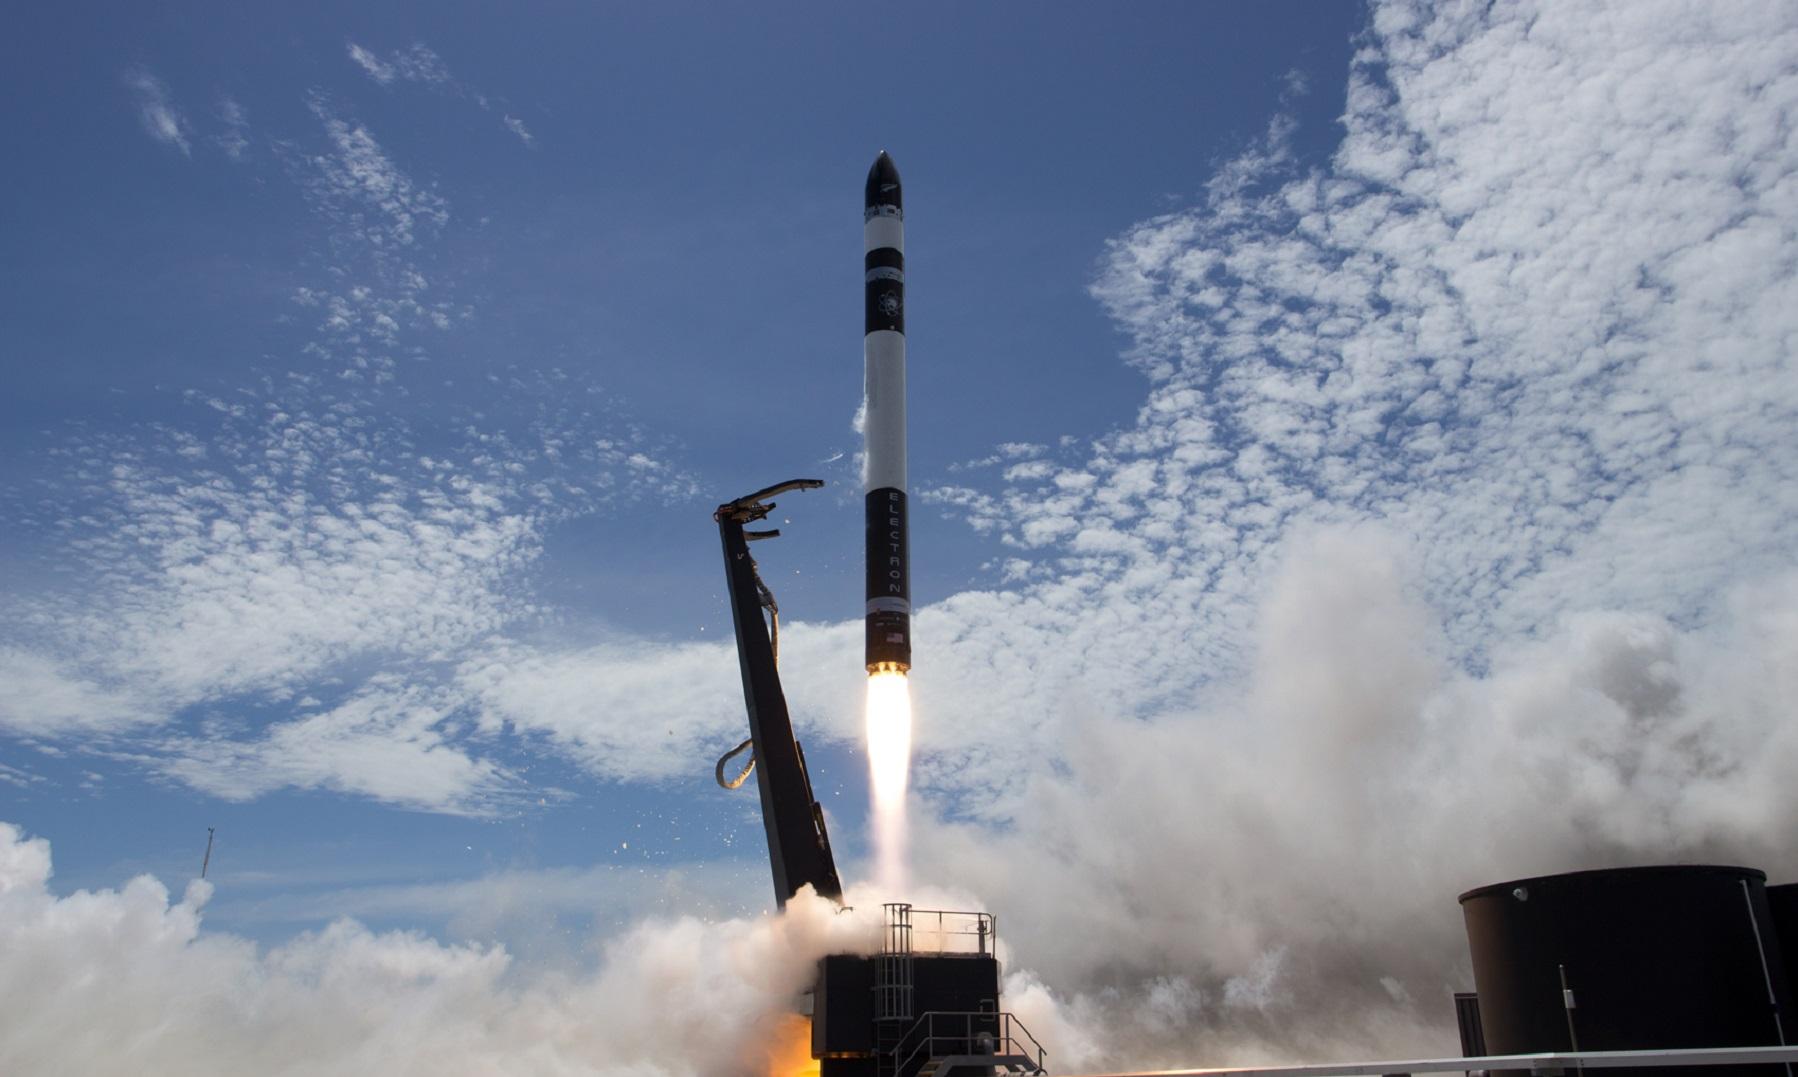 El cohete low cost de Rocket Lab alcanza la órbita terrestre